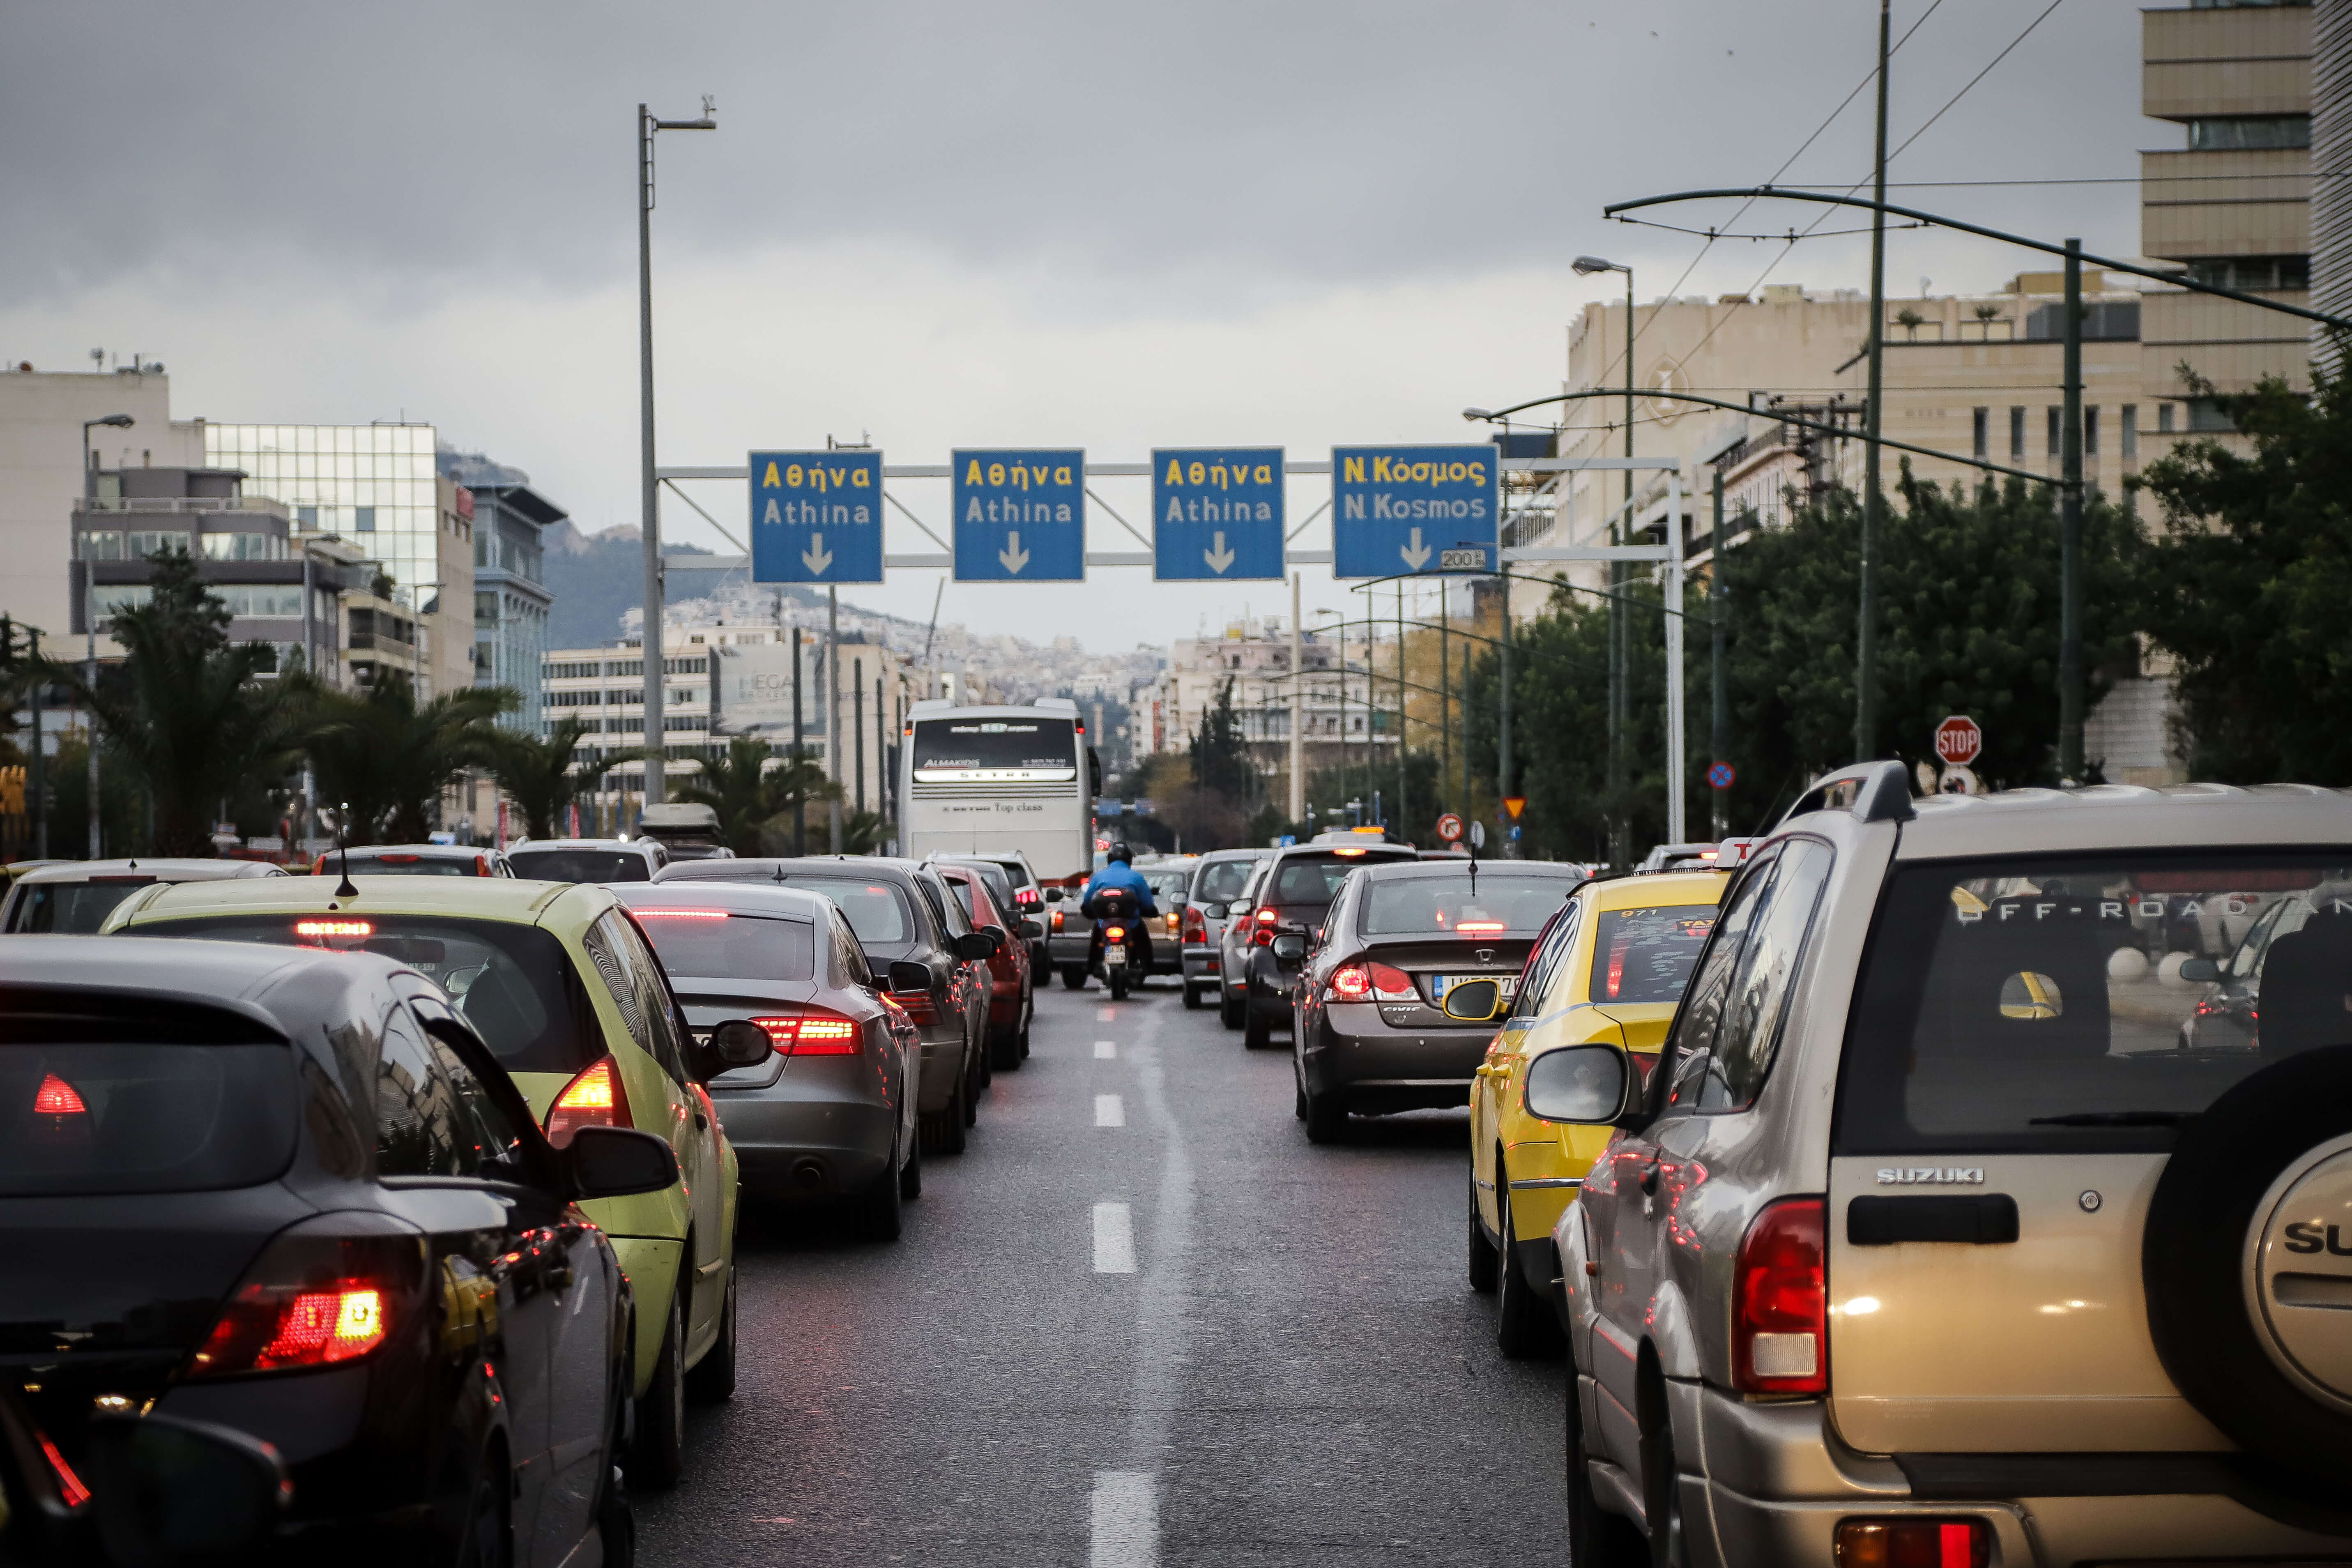 Τέλη κυκλοφορίας 2021: Ούτε παράταση, ούτε μειώσεις, ούτε διευκολύνσεις